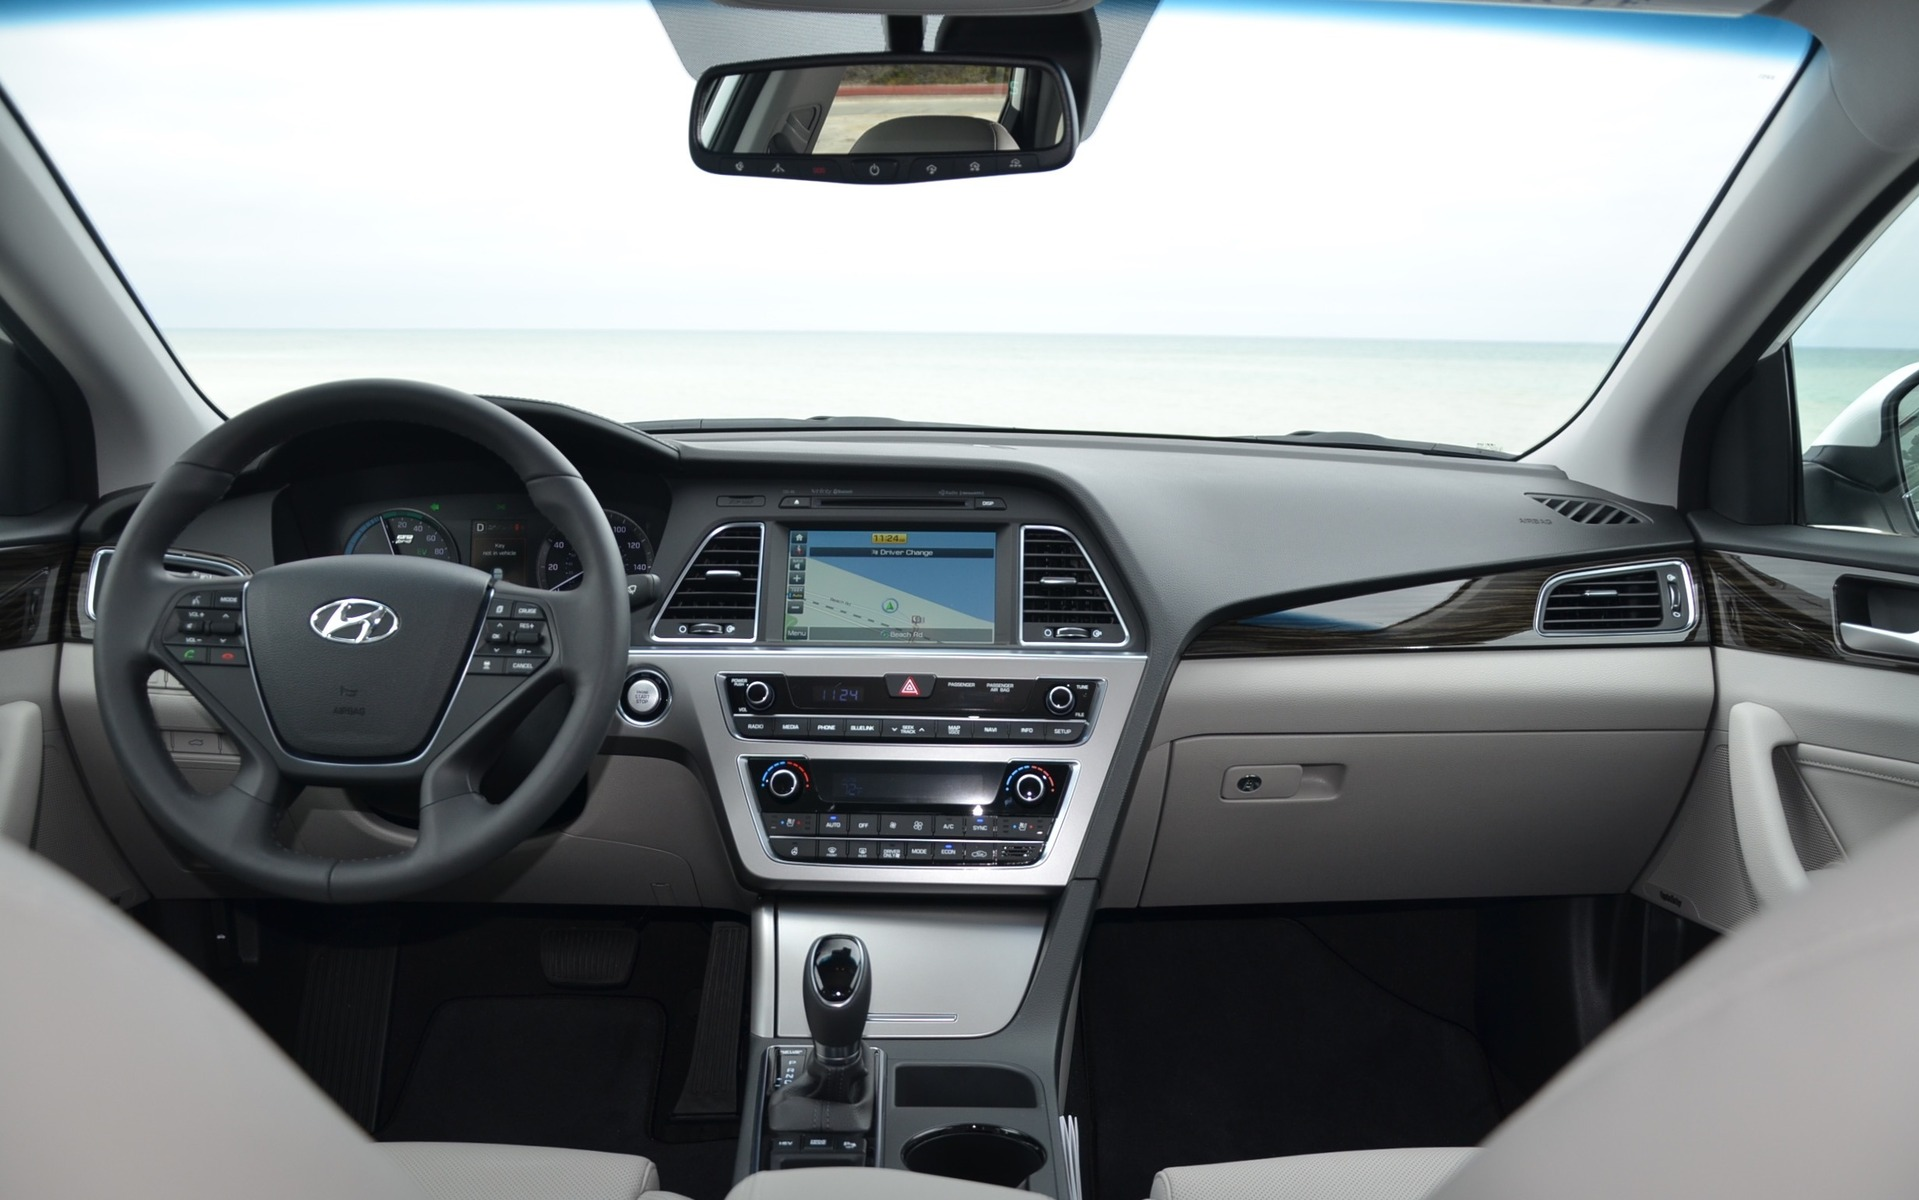 Hyundai Sonata Hybride branchable 2016 - Tableau de bord